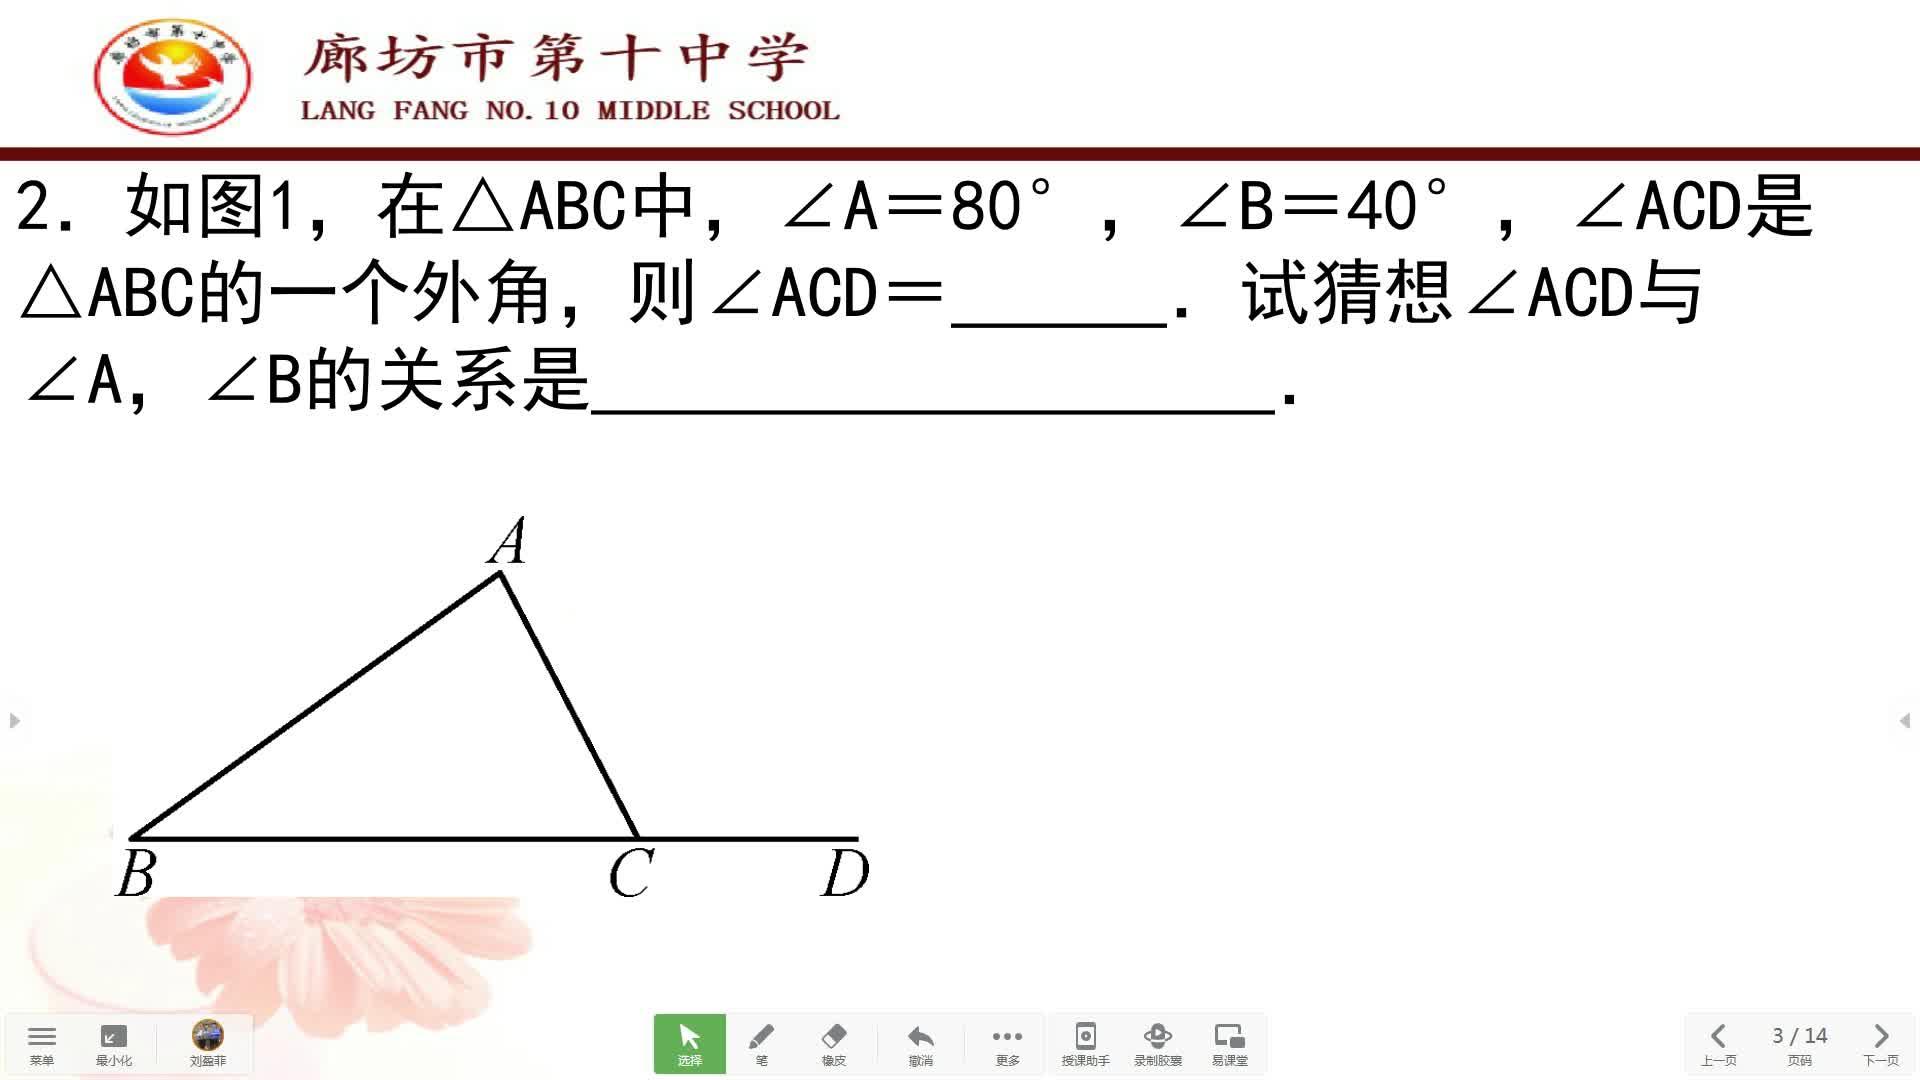 【本视频仅允许在线观看,不支持下载】 11.2.2 三角形的外角 教学目标 1.探索并了解三角形的外角的性质. 2.利用三角形的外角性质解决与其有关角度的问题. 三角形外角的性质: (1).三角形的一个外角等于与它不相邻的两个内角的和. (2).三角形的外角和是360°.  [来自e网通客户端]